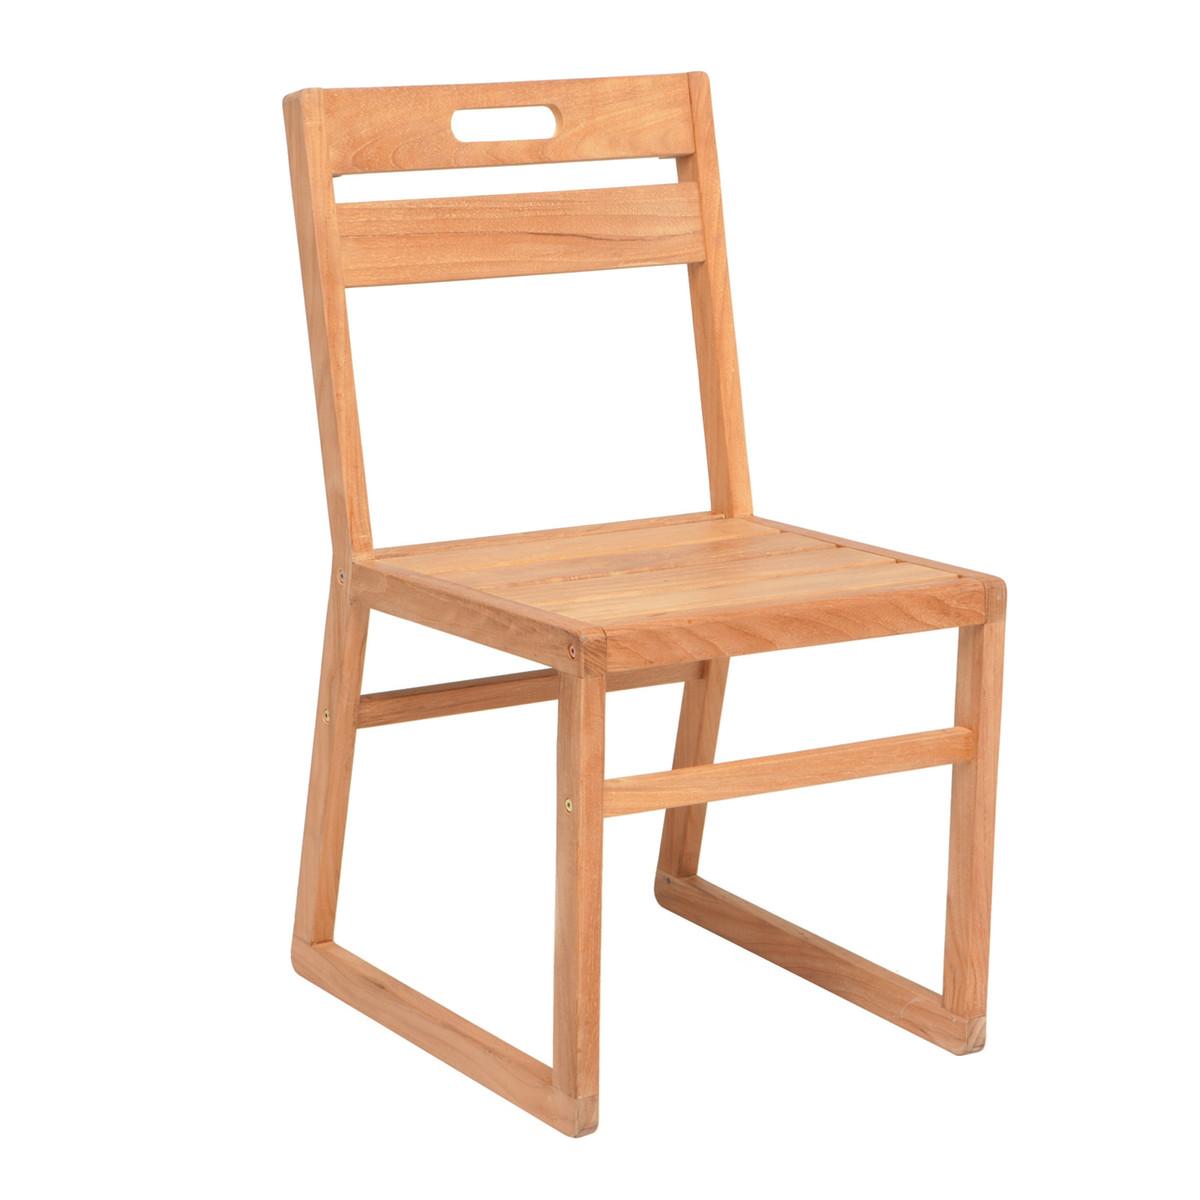 Prezzi sedie chiavarine prezzi e negozi for Sedie prezzi